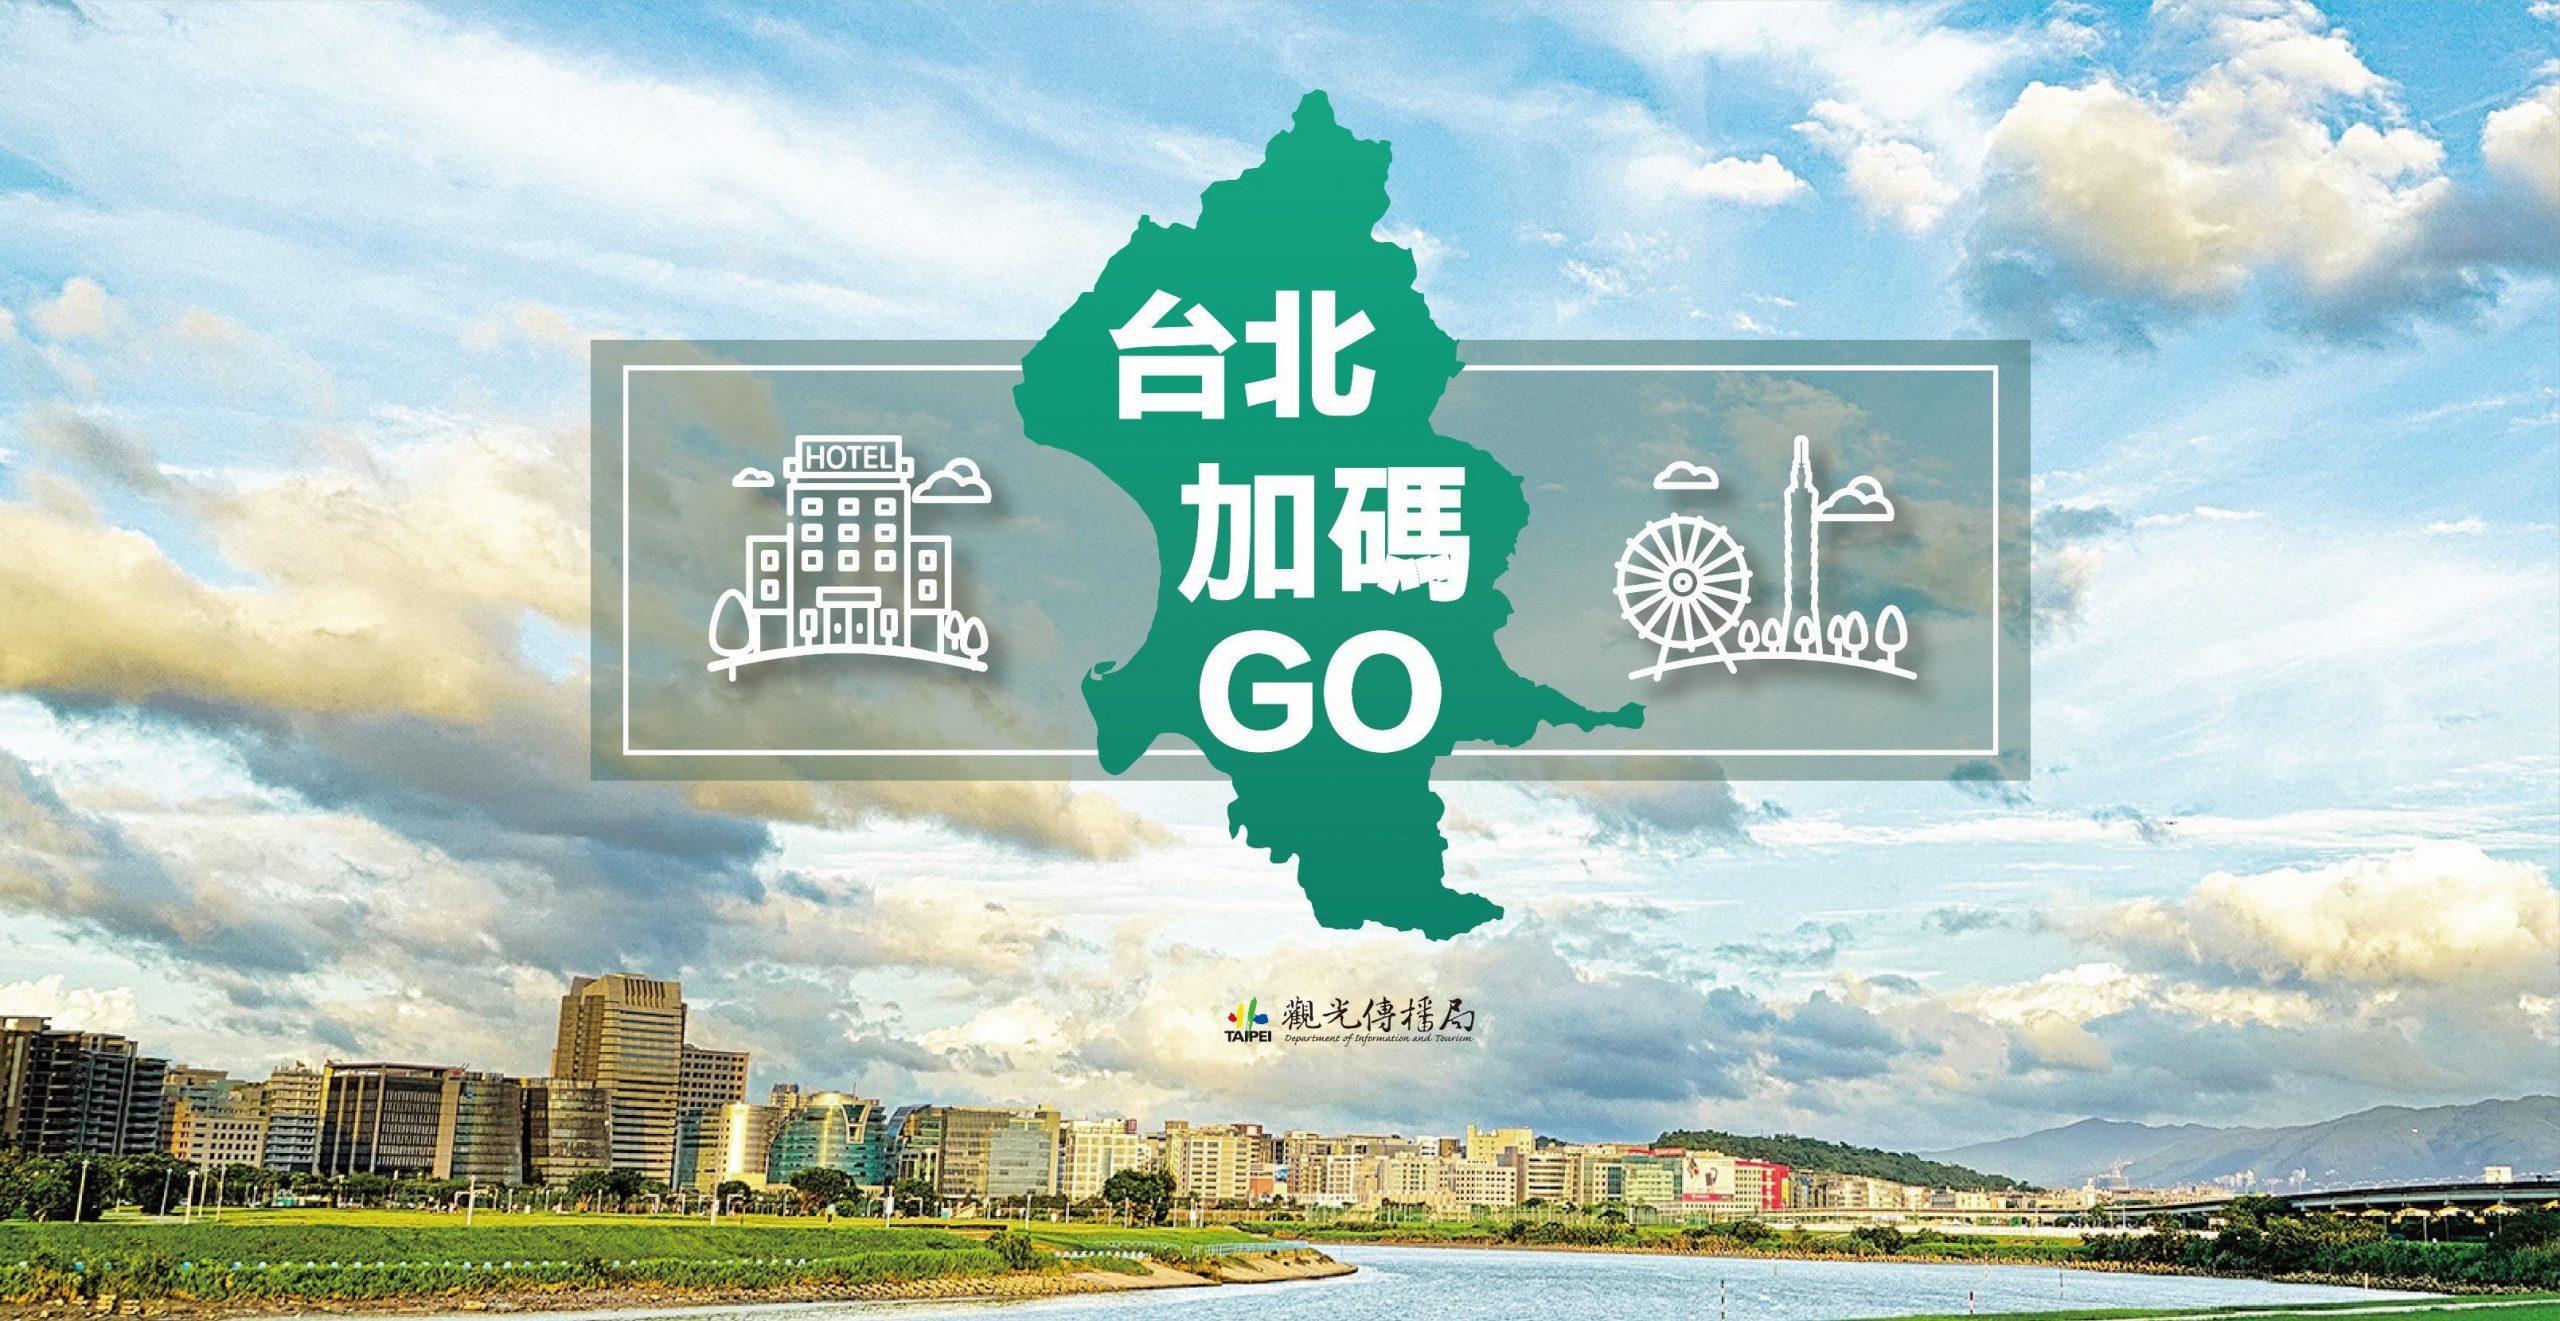 台北市旅遊補助加碼GO!12/24起自由行每房每晚折1000元,春節也能用!